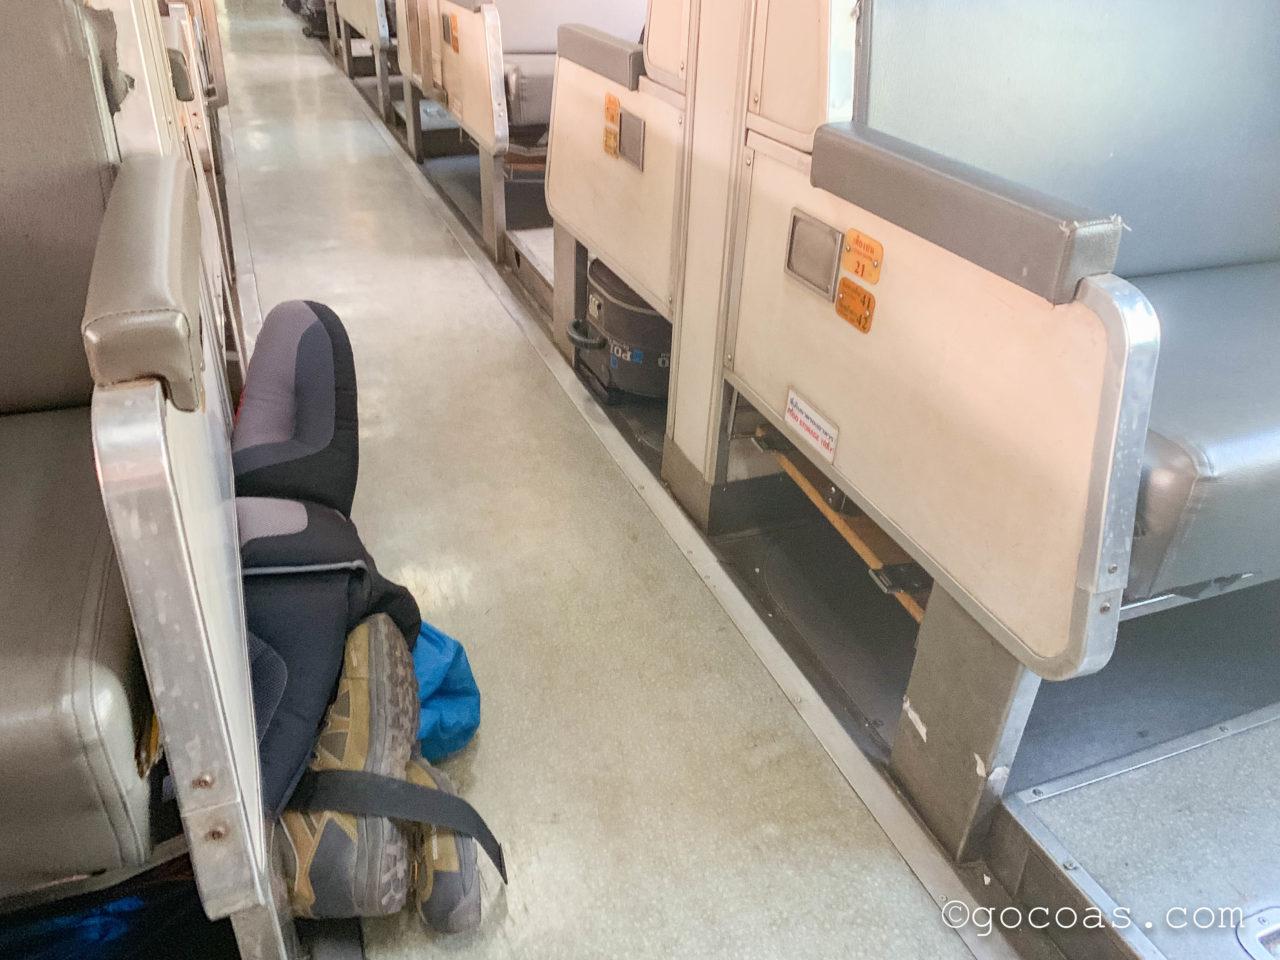 Hua Lamphong駅で乗った電車内の座席下に収納したバックパック